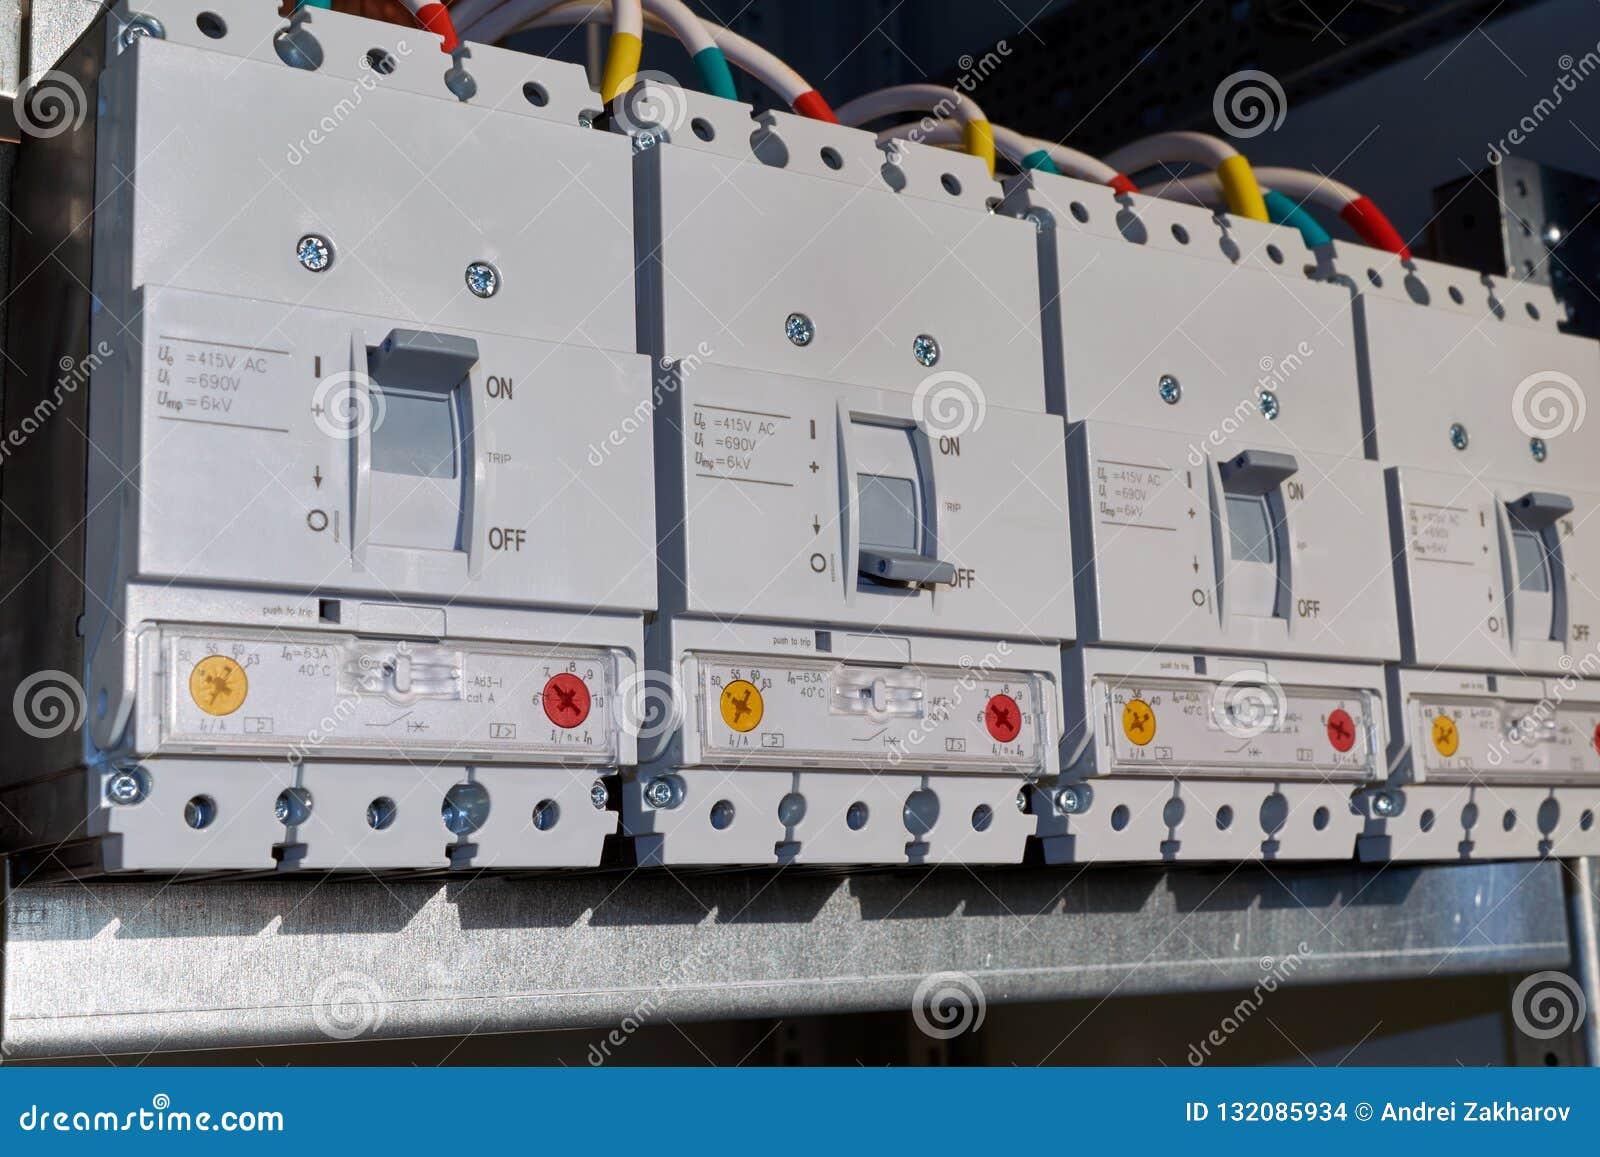 Cuatro disyuntores de poder se fijan en el gabinete eléctrico en línea